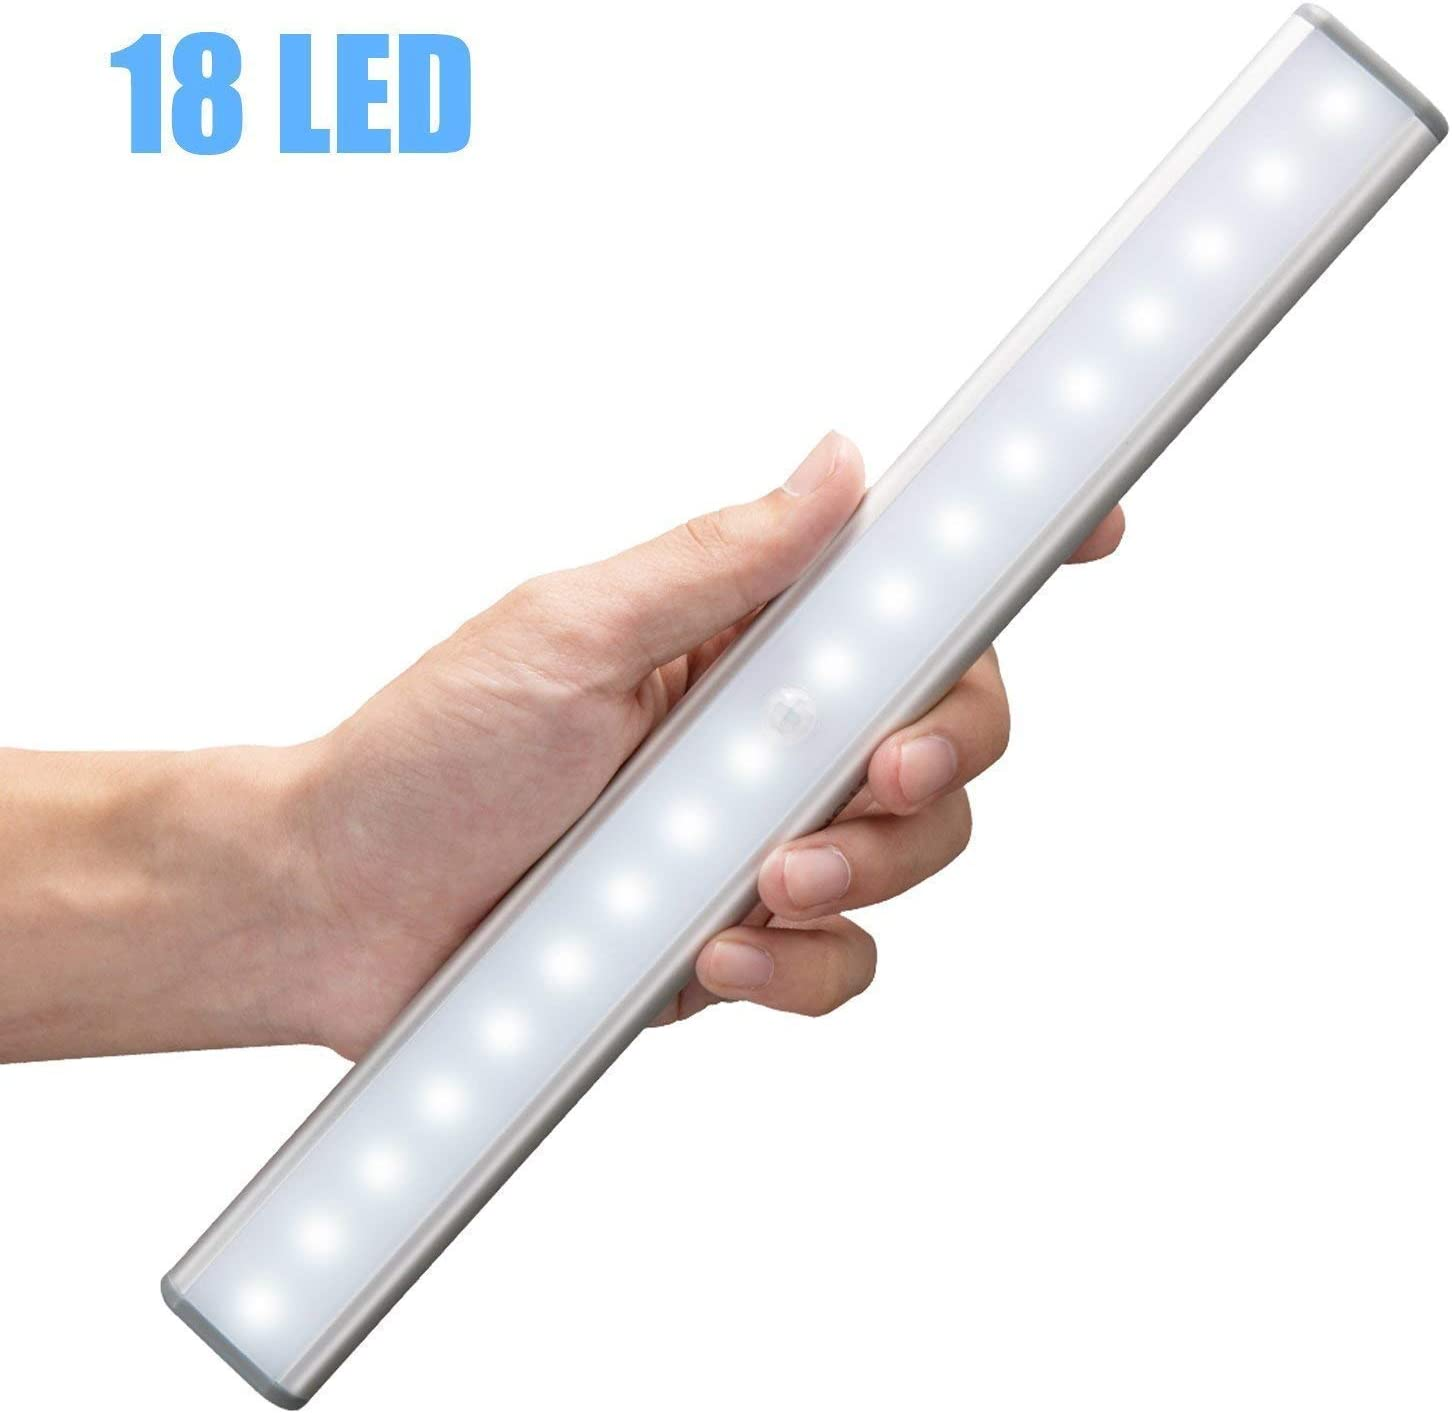 Moston 18 LED USB Recargable magnético Movimiento Sensor Luces nocturnas,oscuridad a amanecer Célula fotoeléctrica incluido Auto en/apagado Portátil Sin cable,palo en cualquier sitio para armario